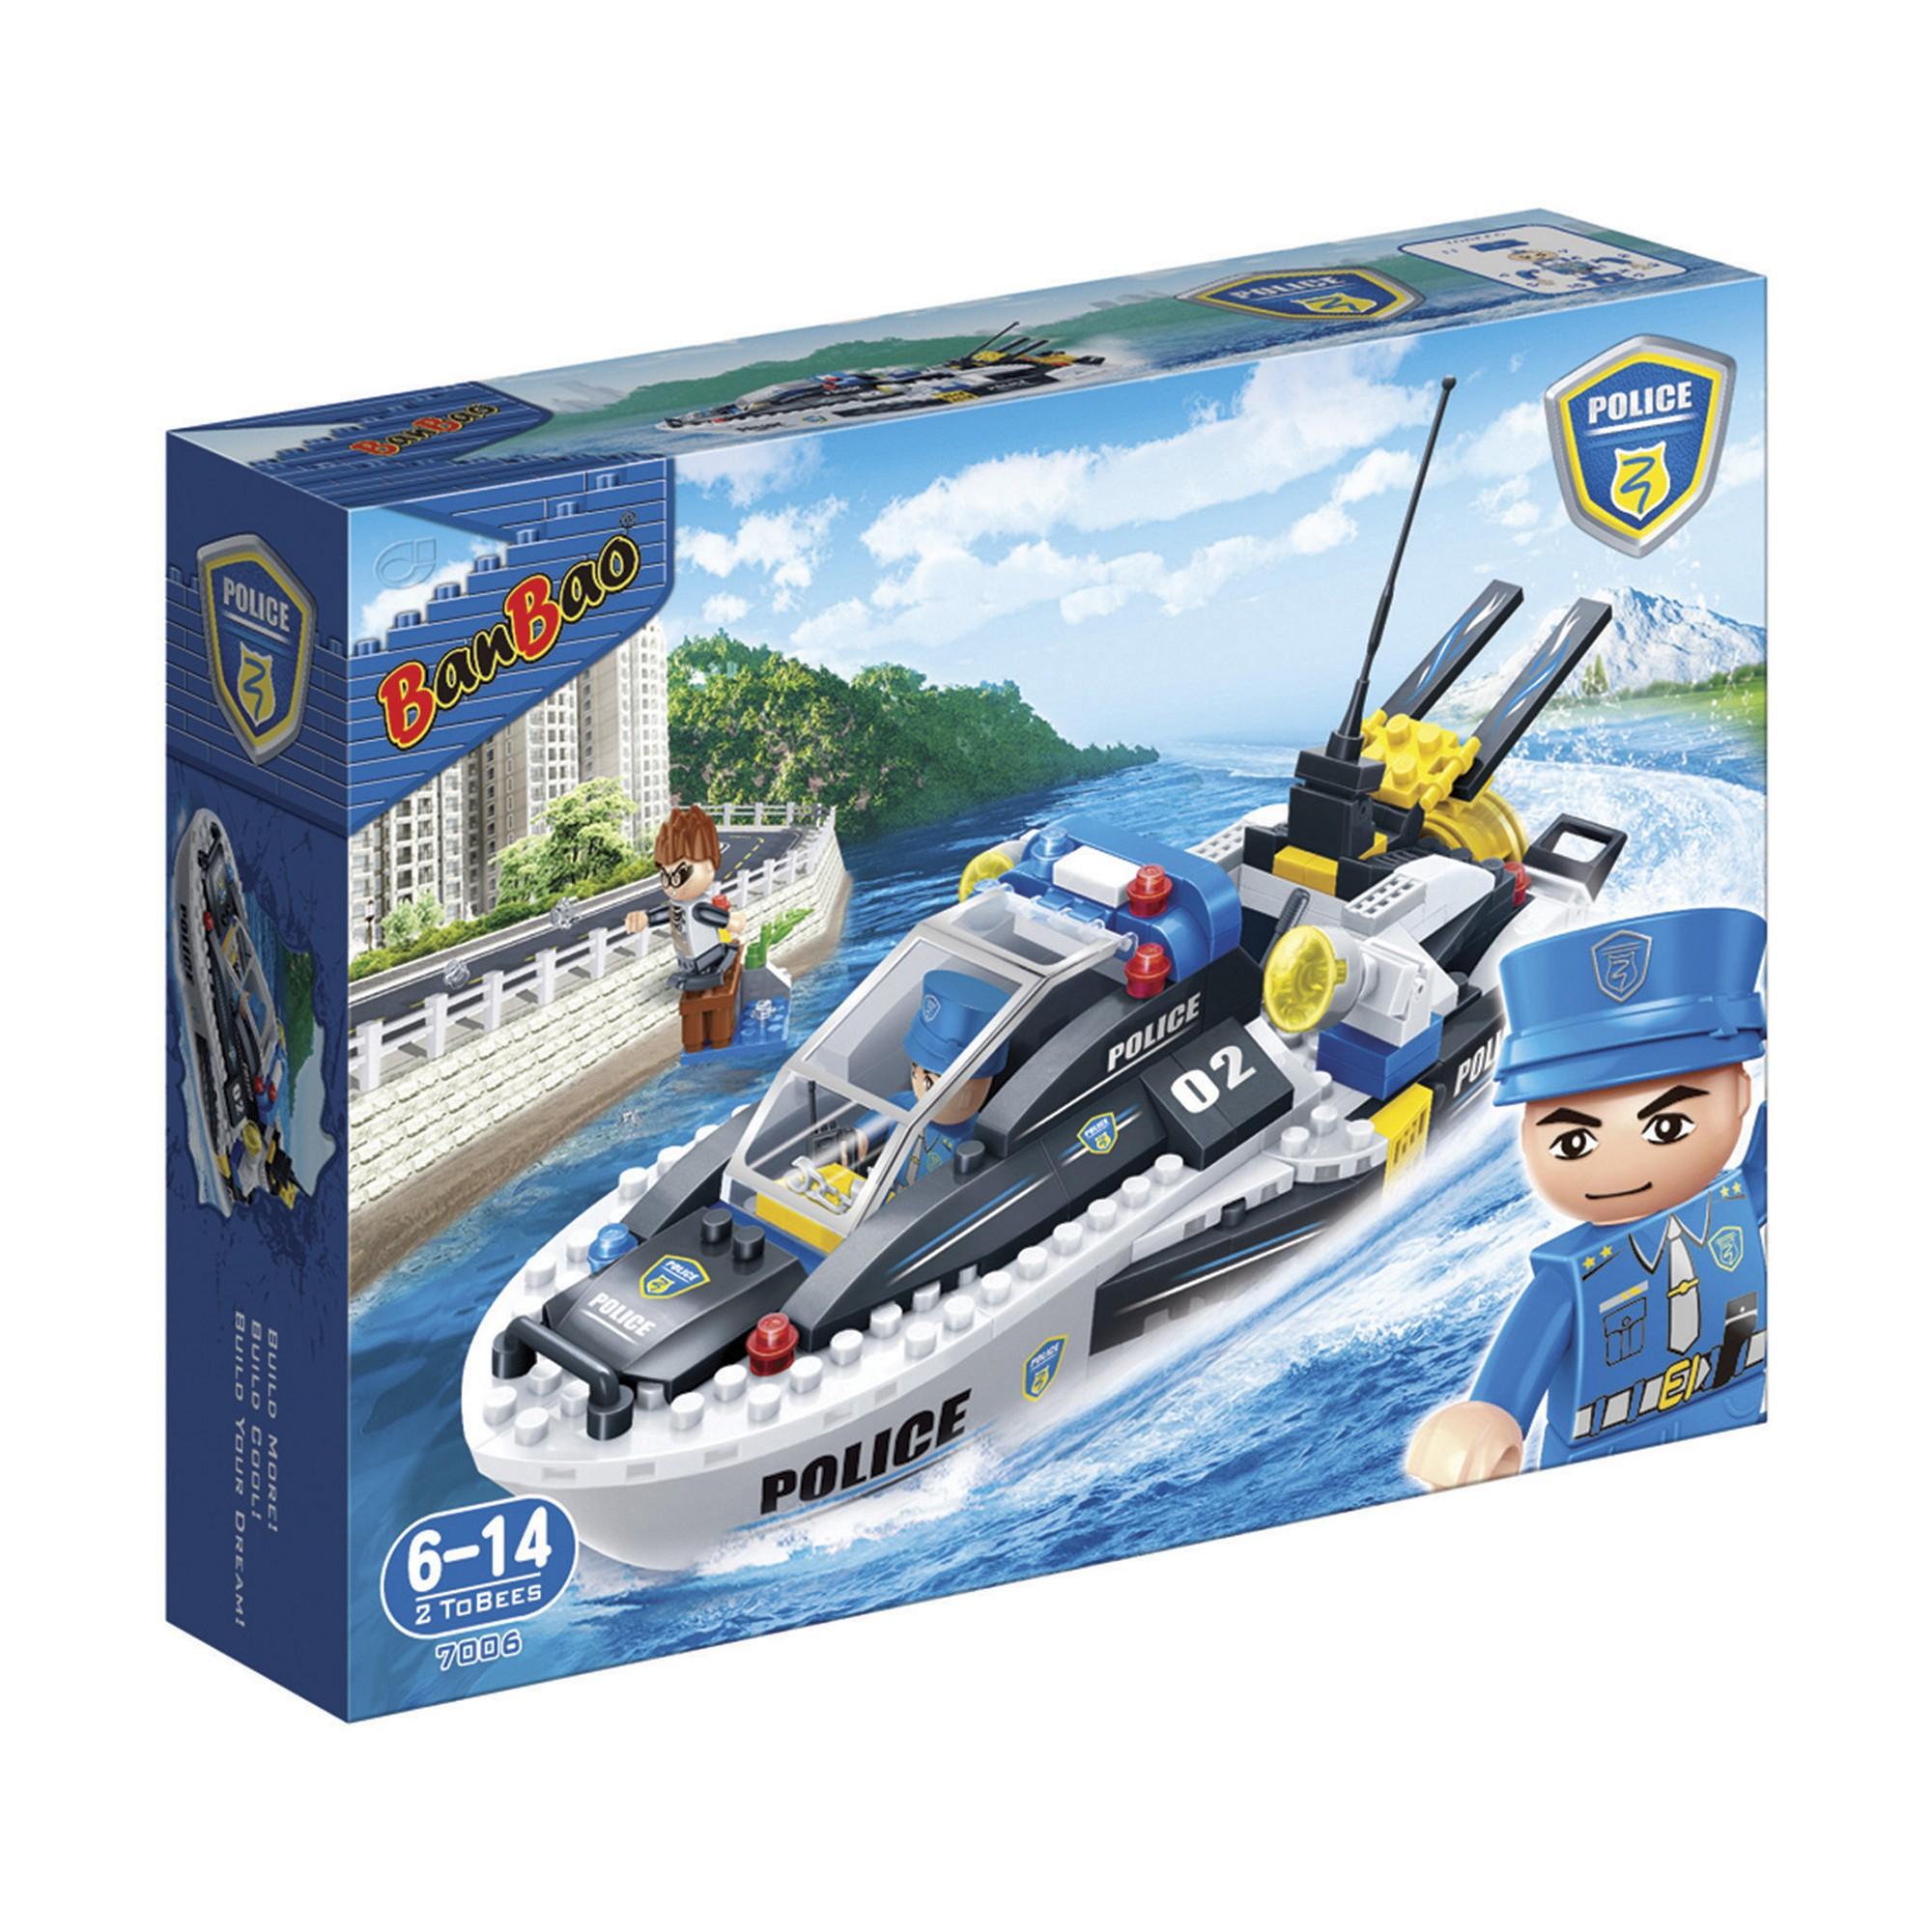 Kinder Geschenk Konstruktion spielzeug Bausteine Baukästen Polizei Boot 7006